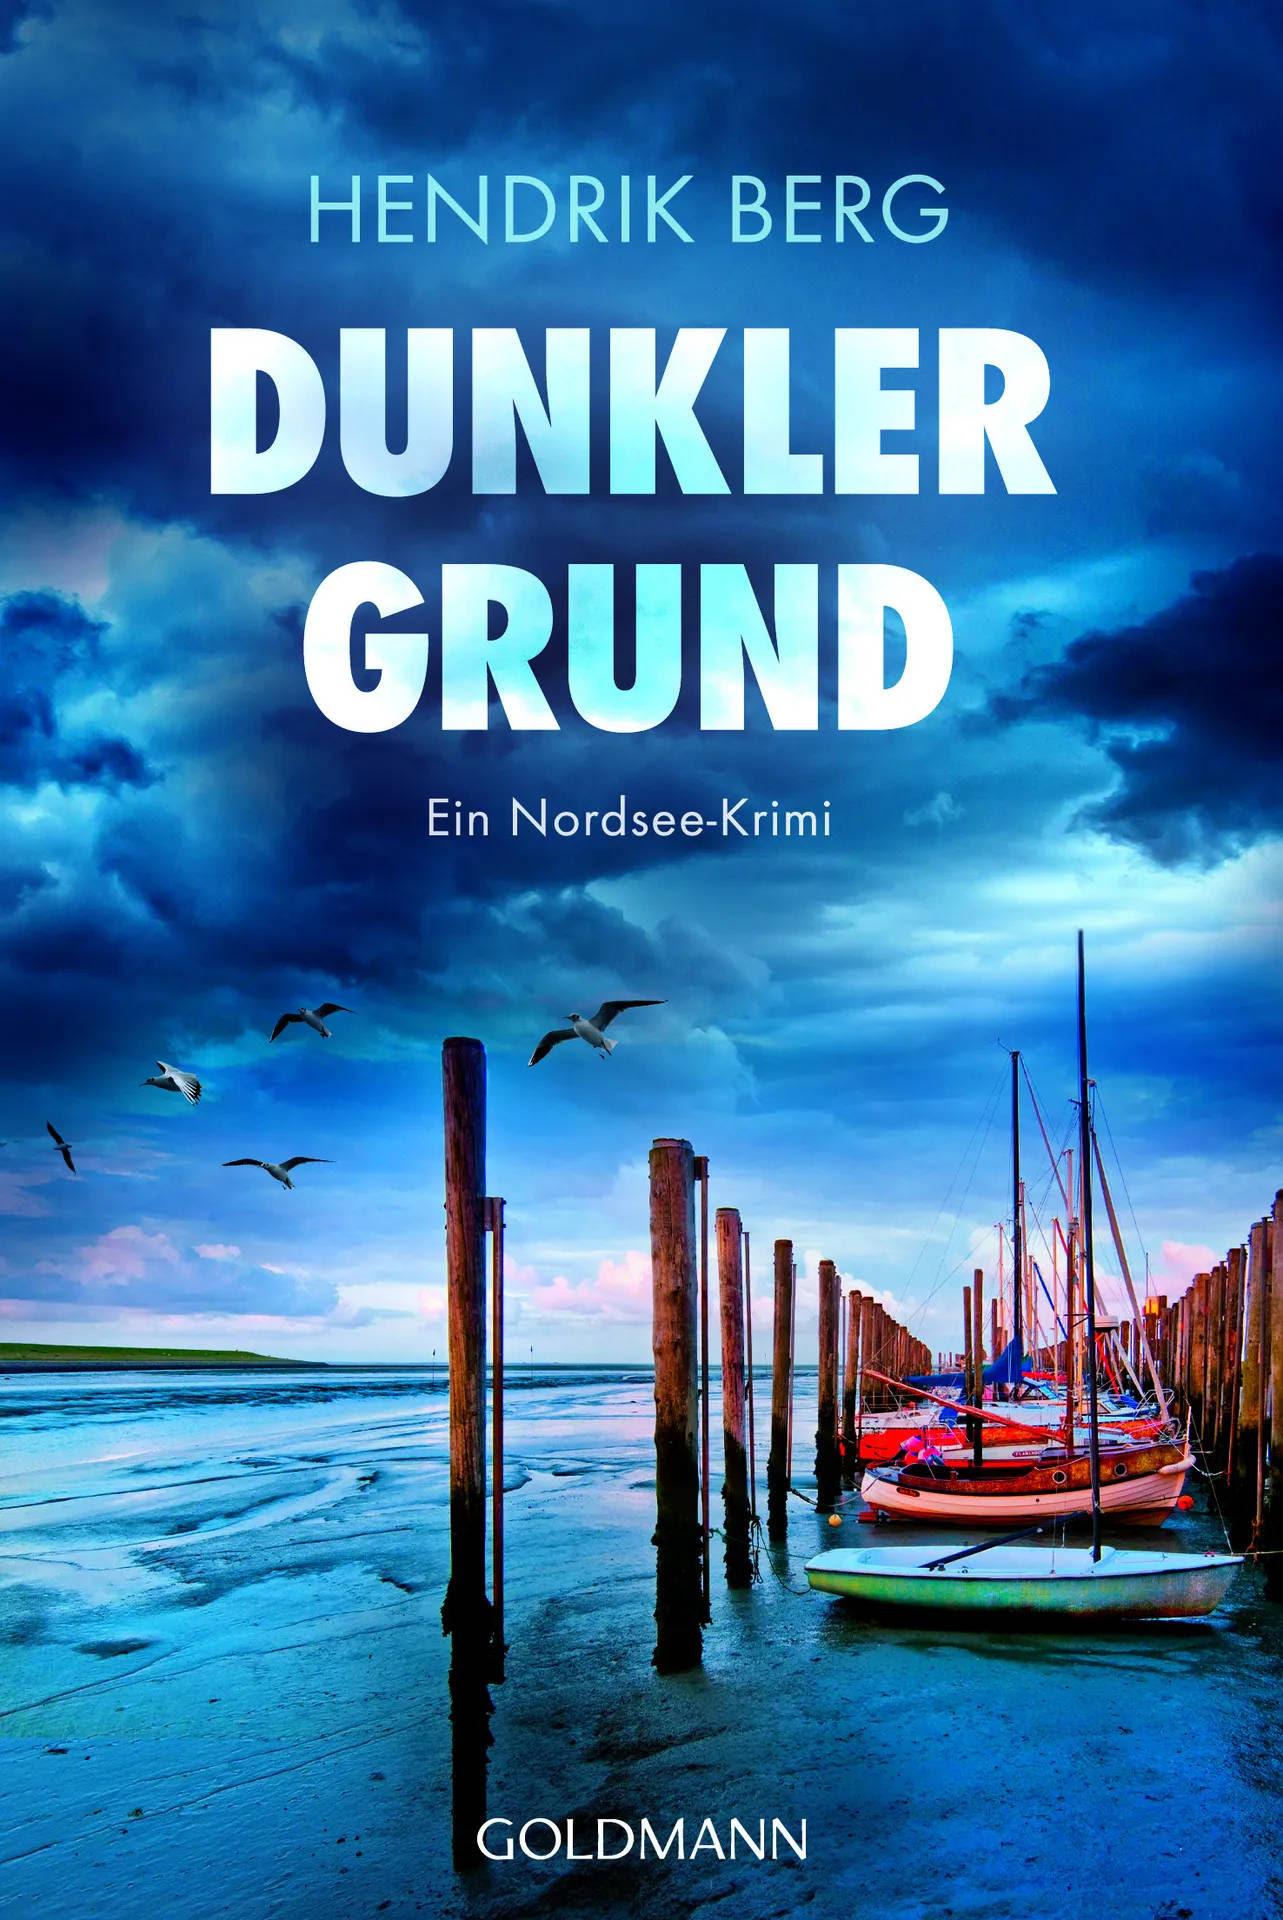 DUNKLER GRUND – Der neue Roman aus der Krimischmiede von Hendrik Berg!